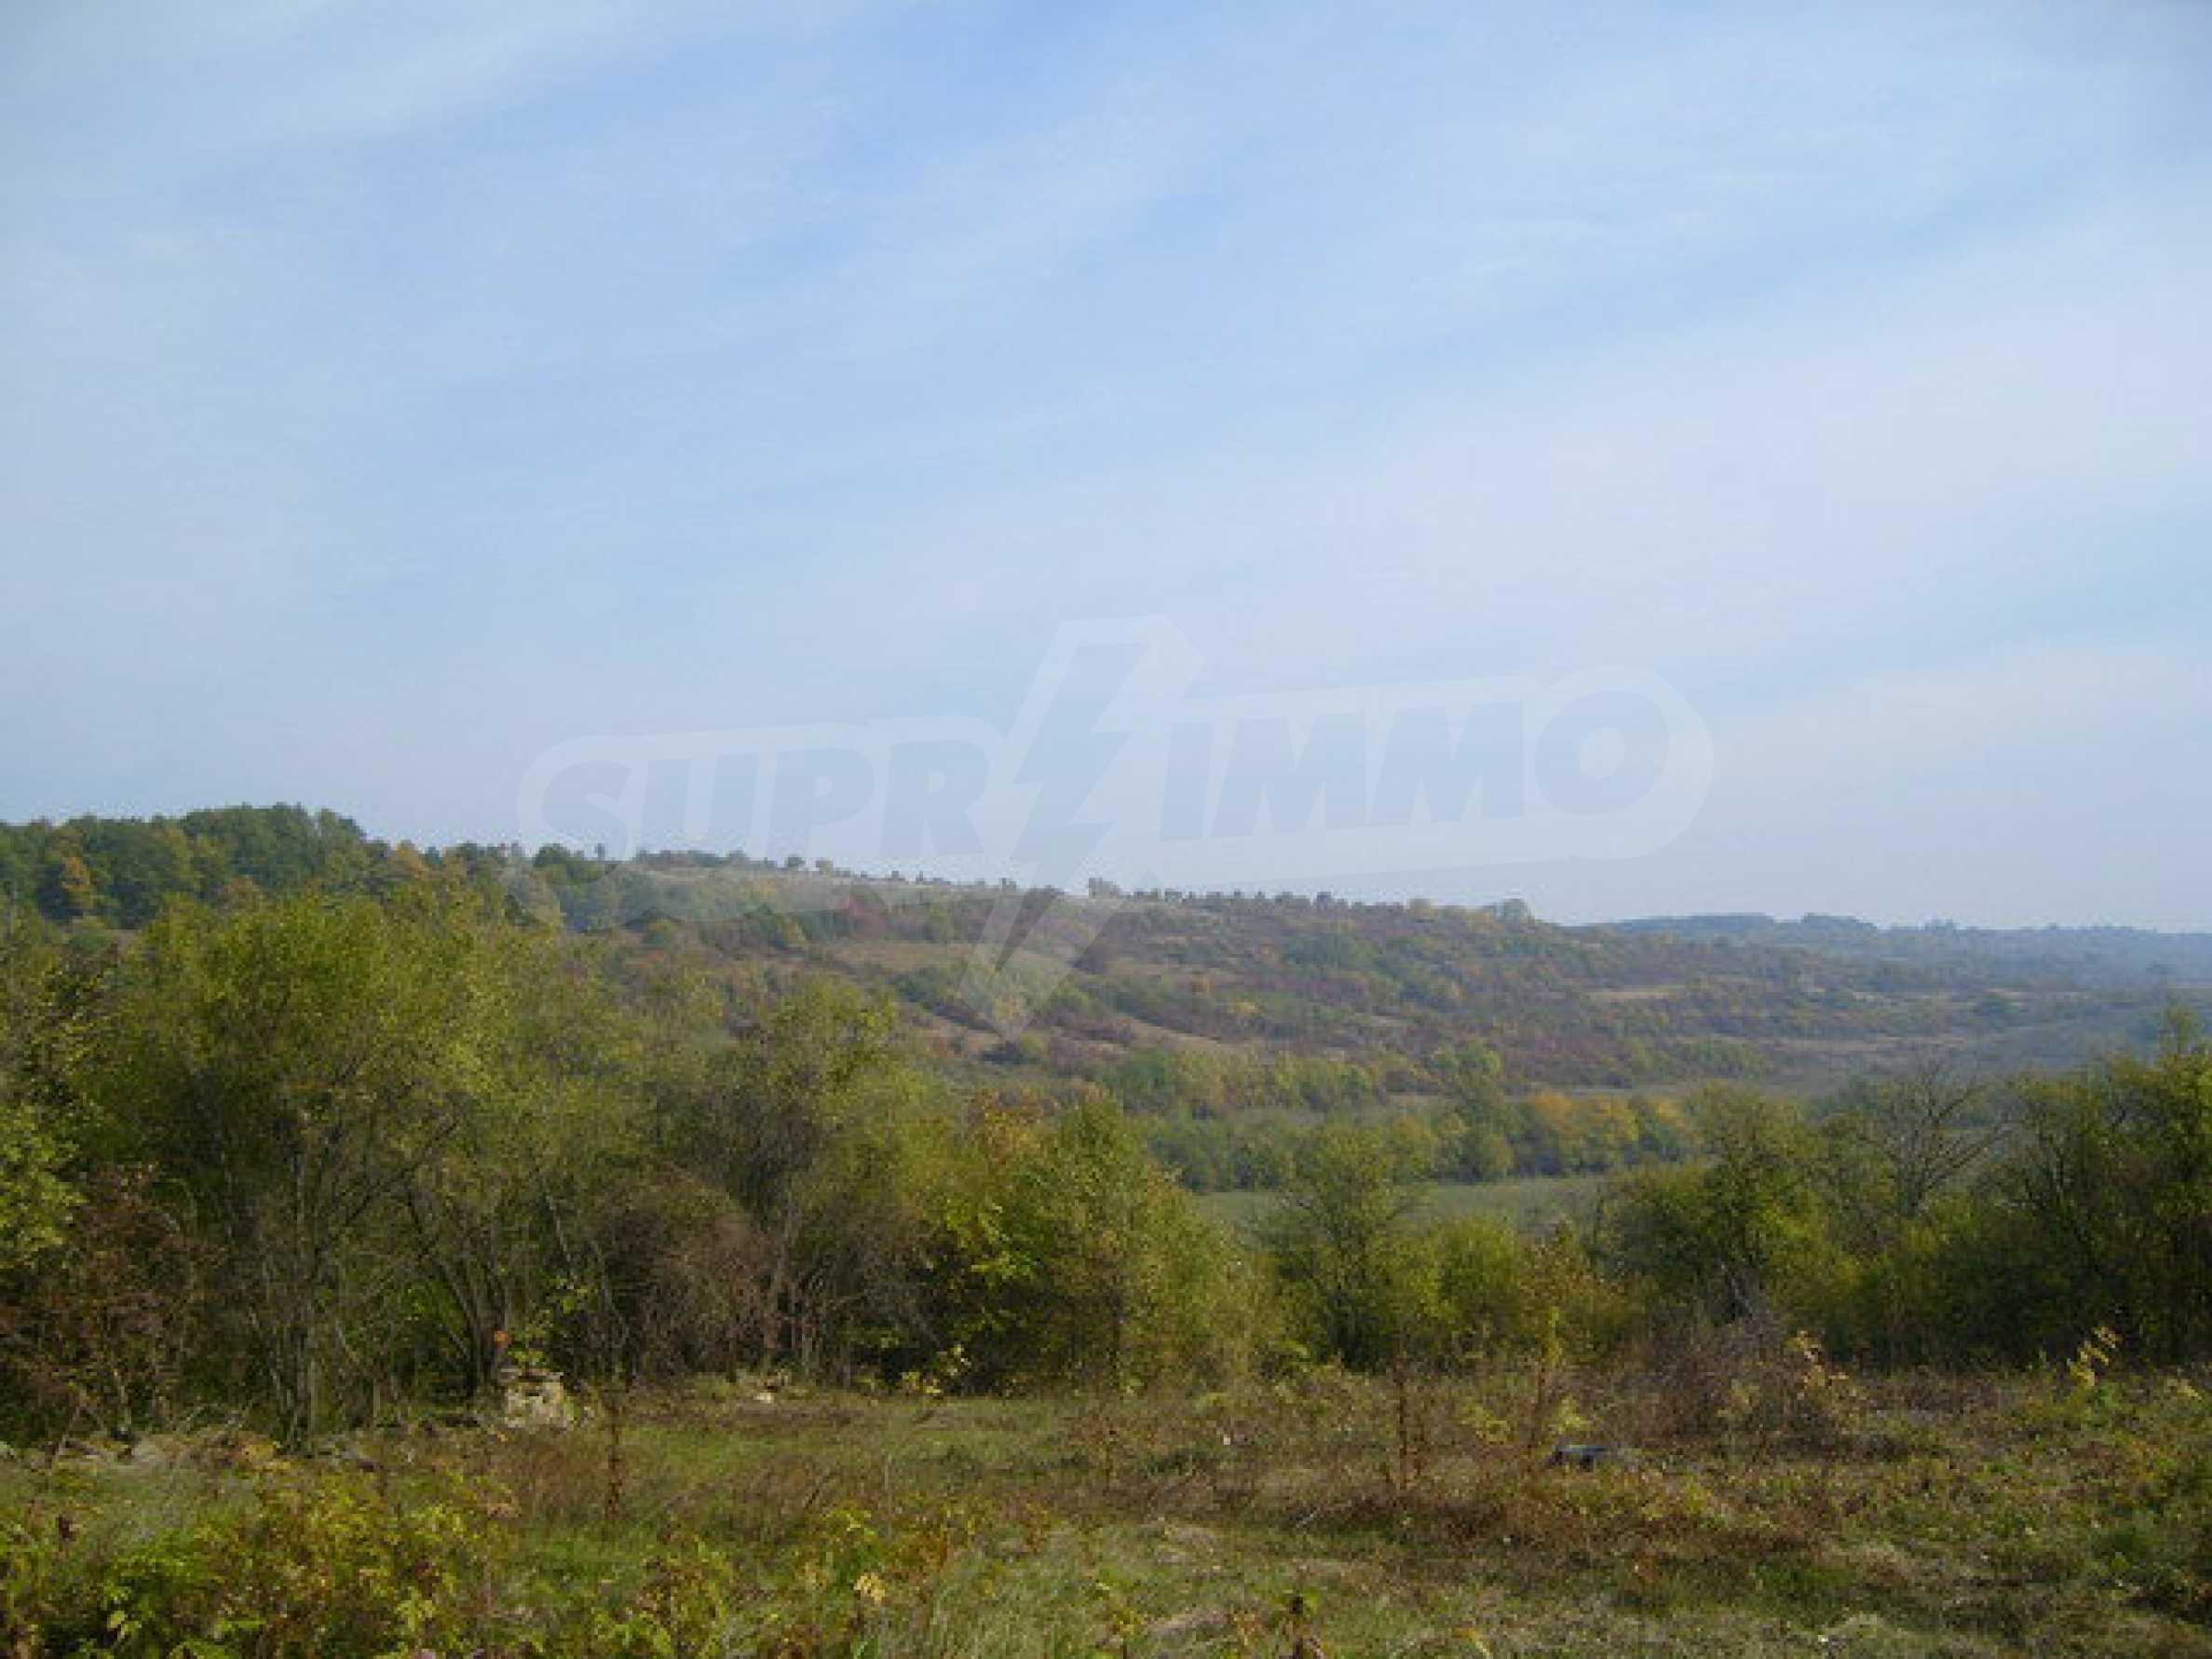 Земельный участок в деревне с красивым пейзажем 10